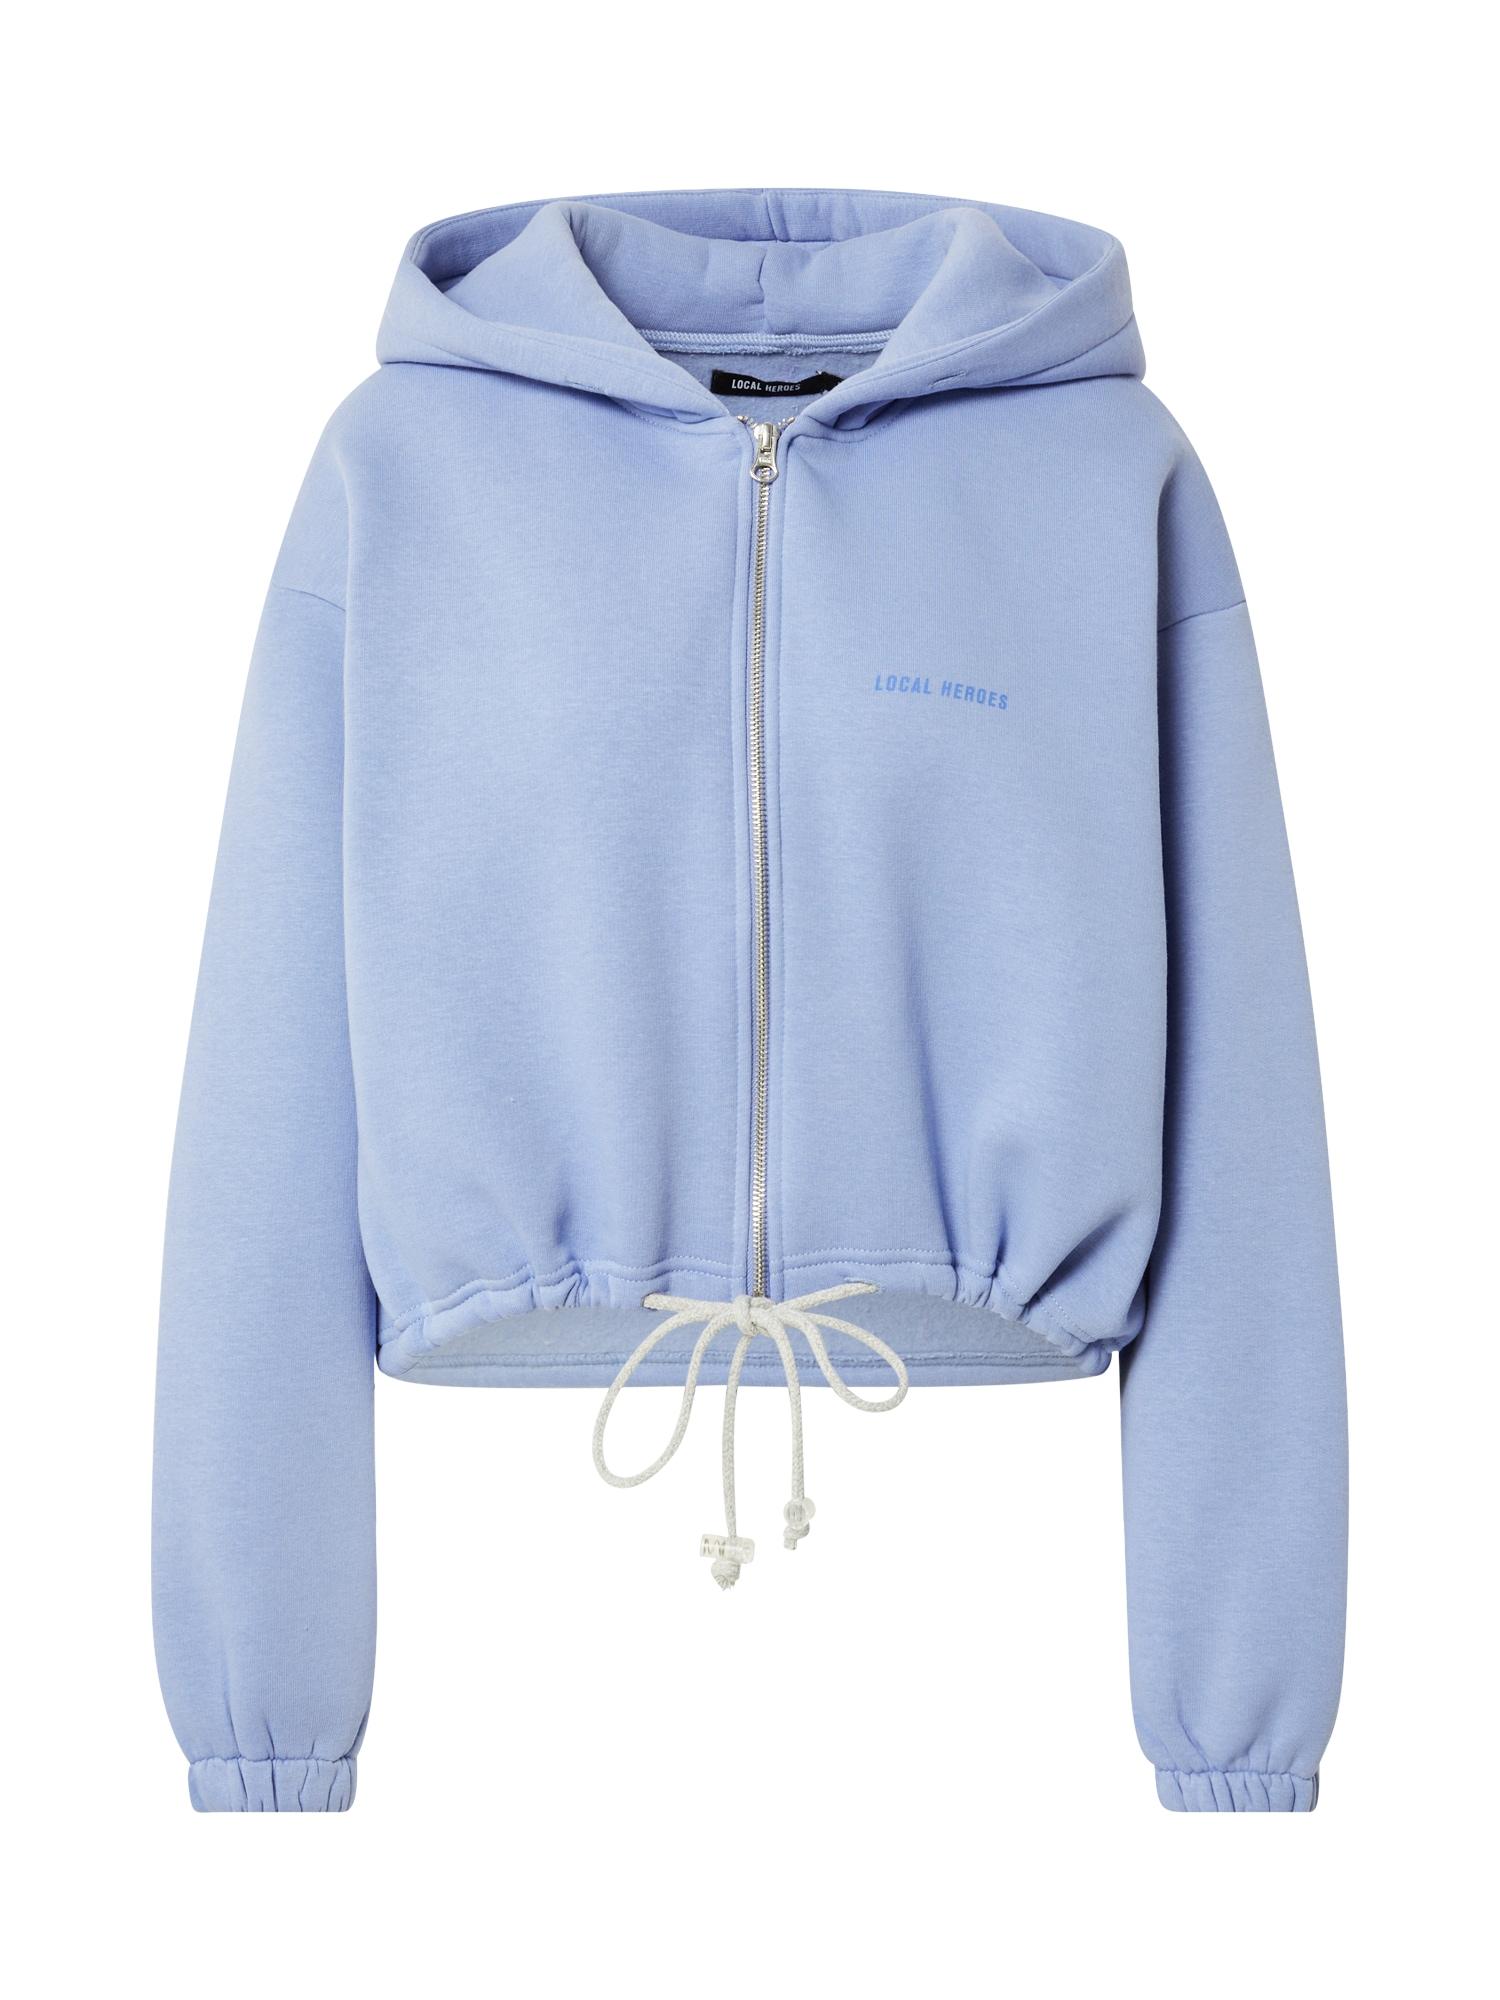 LOCAL HEROES Džemperis mėlyna / mėlyna dūmų spalva / balta